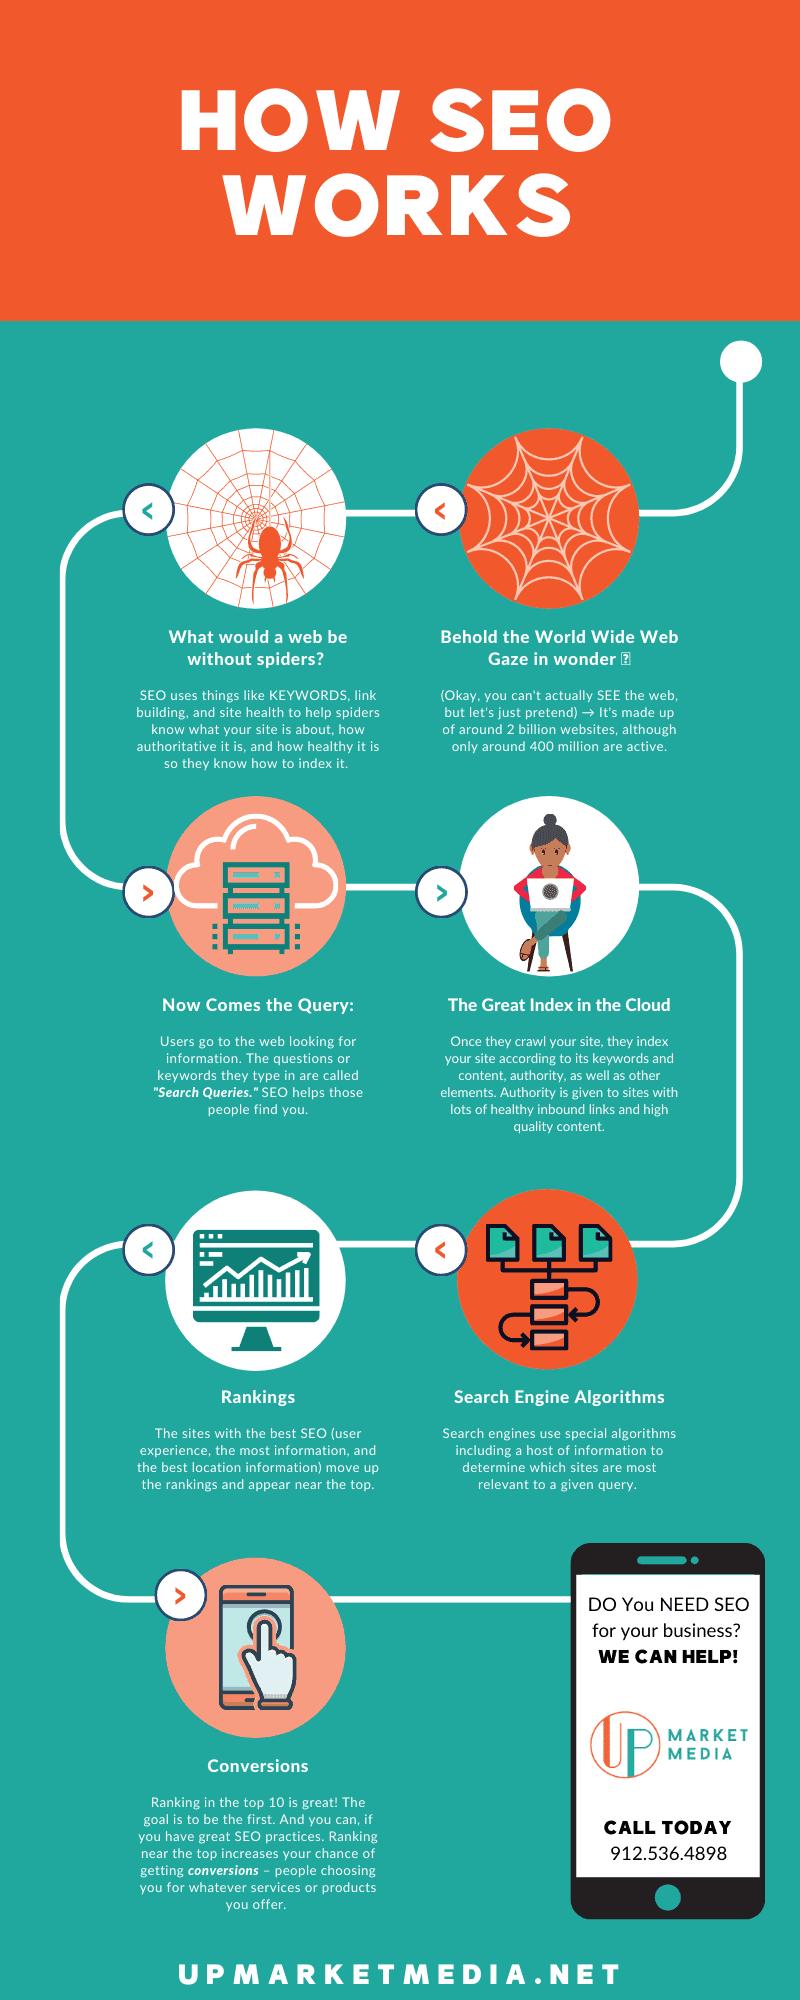 How SEO Works | Up Market Media | Digital Marketing, Social Media Management, Google Ads Management, SEO &